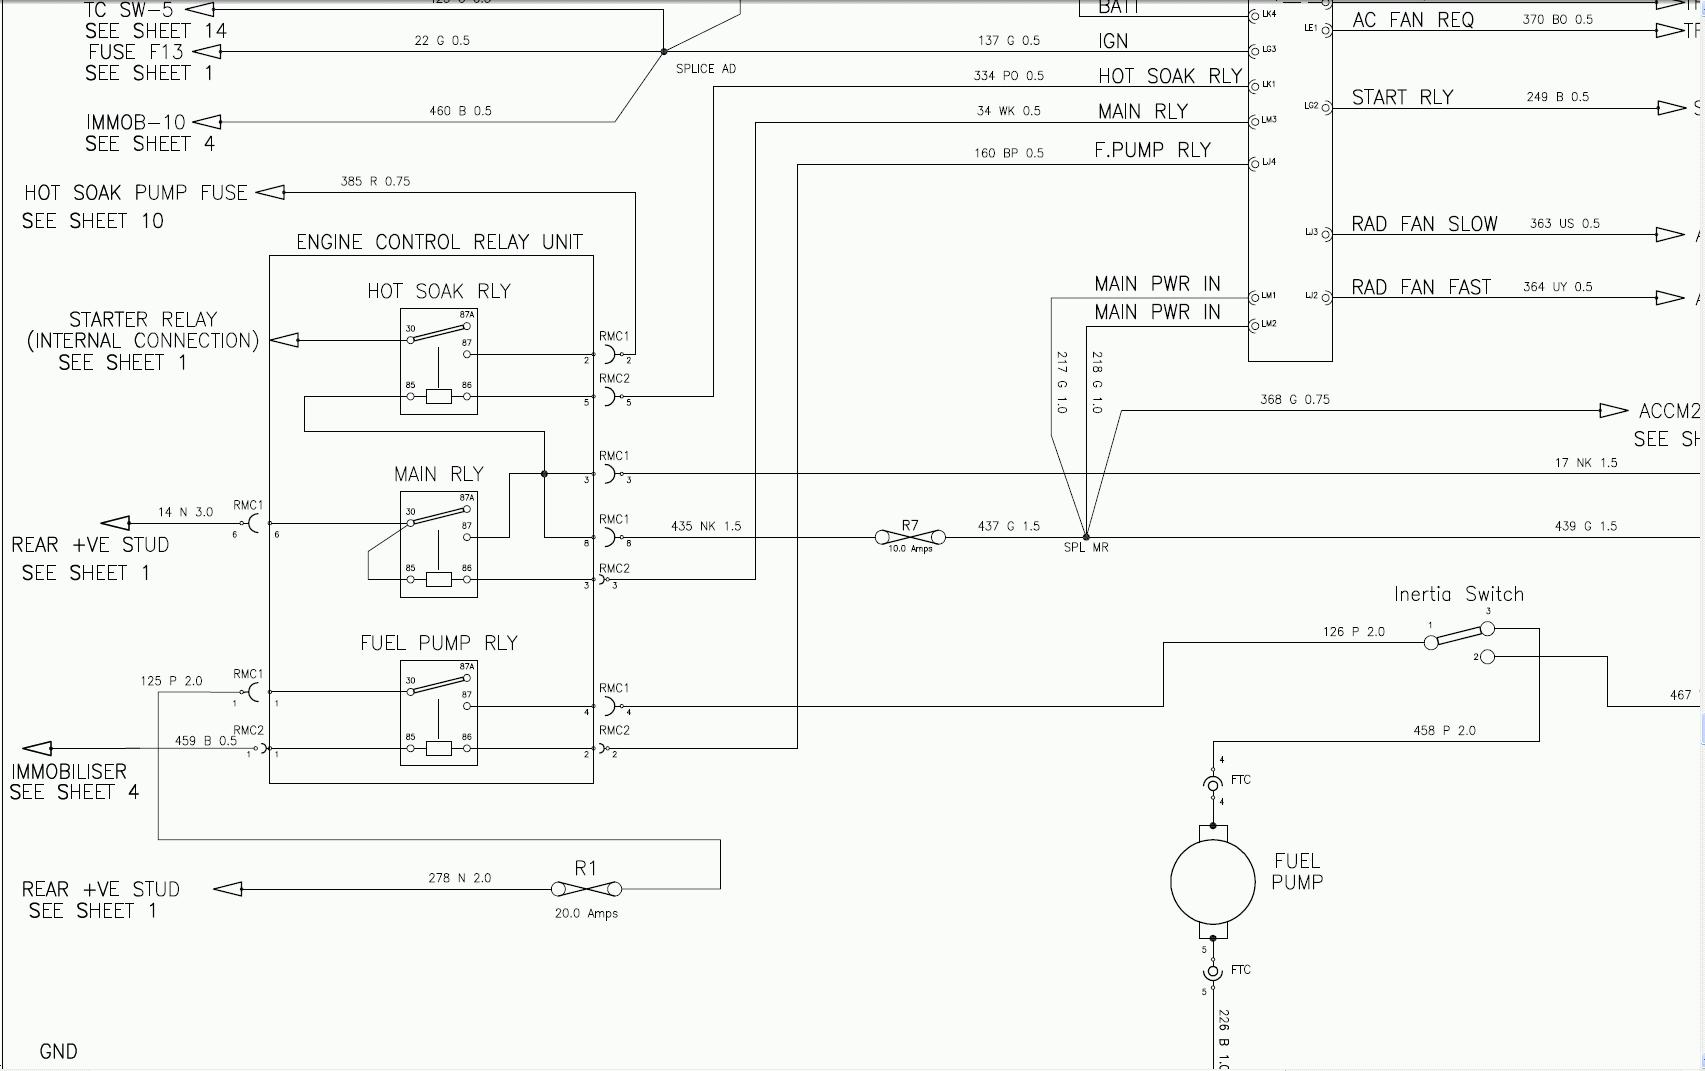 testing mfru multi function relay unit - lotustalk - the lotus, Wiring diagram